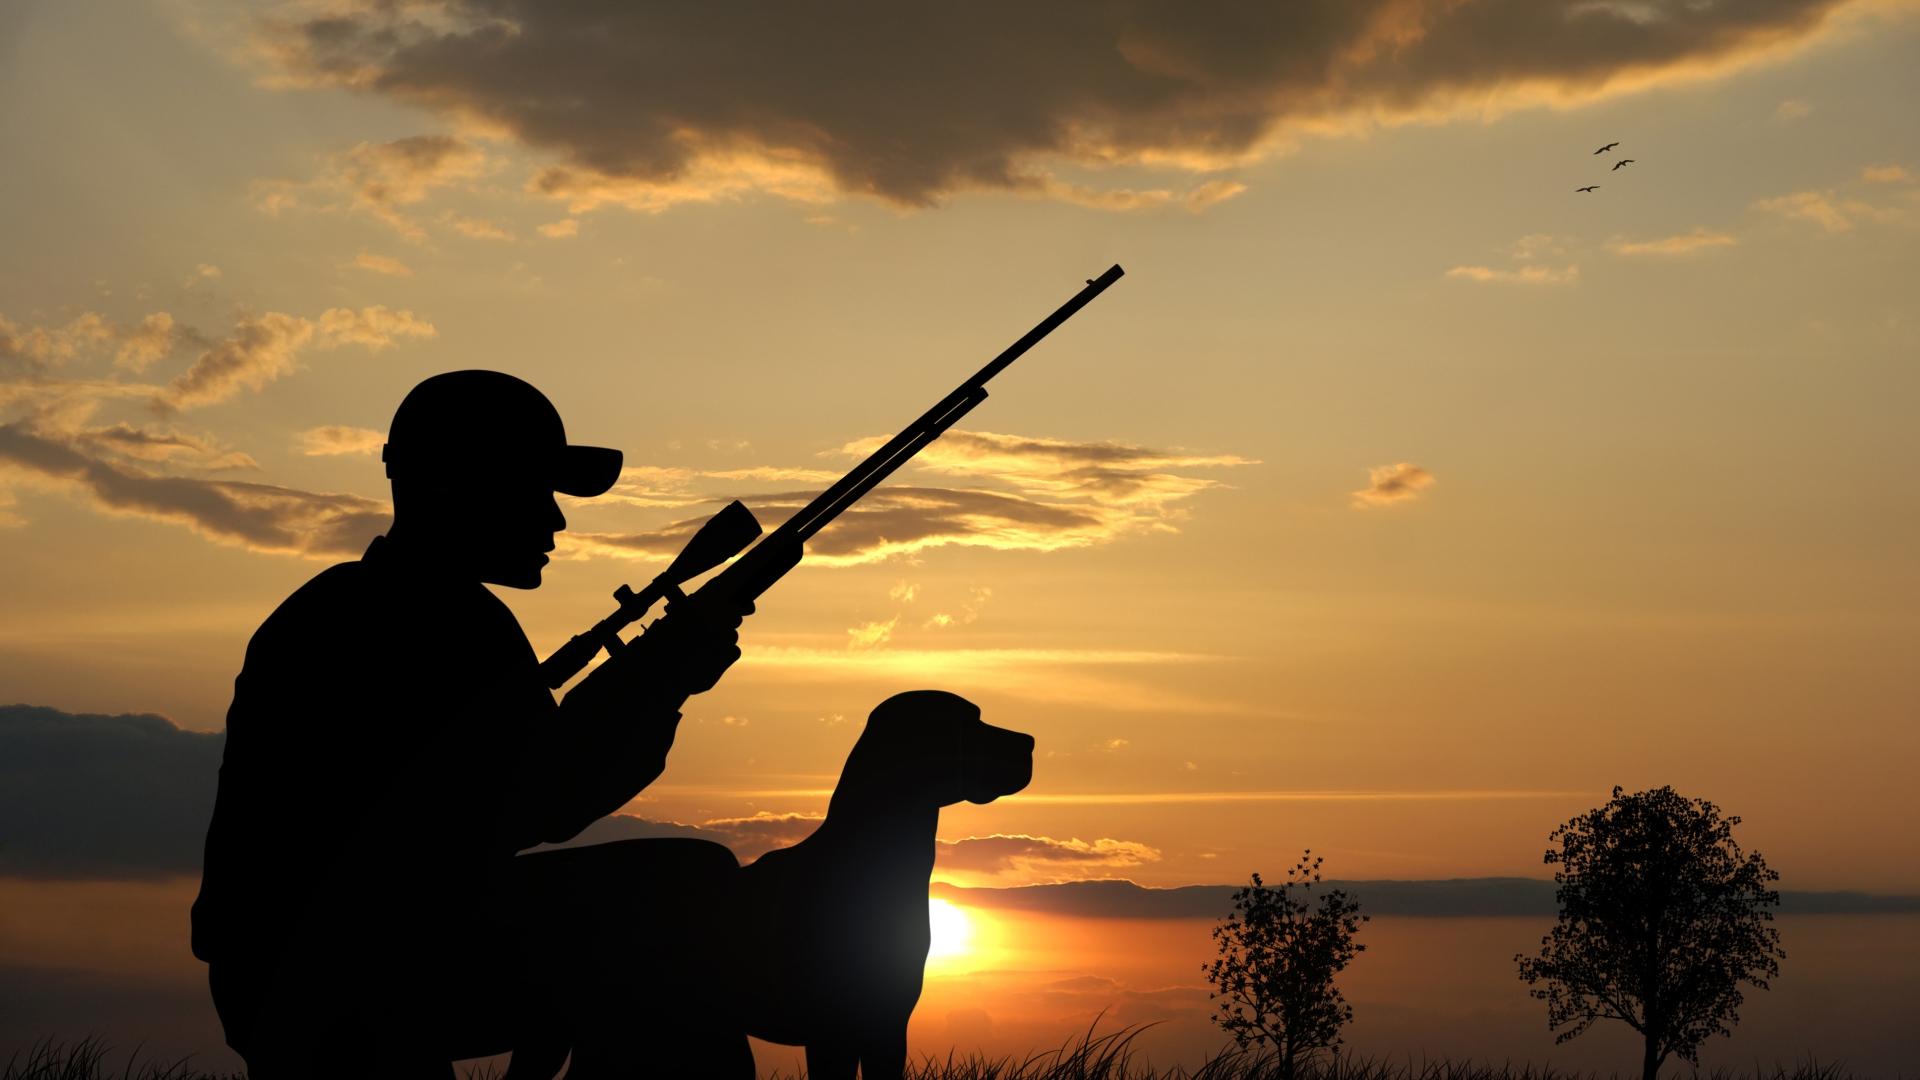 Невероятные приключения казахстанцев в Африке: охотников осуждают в Сети